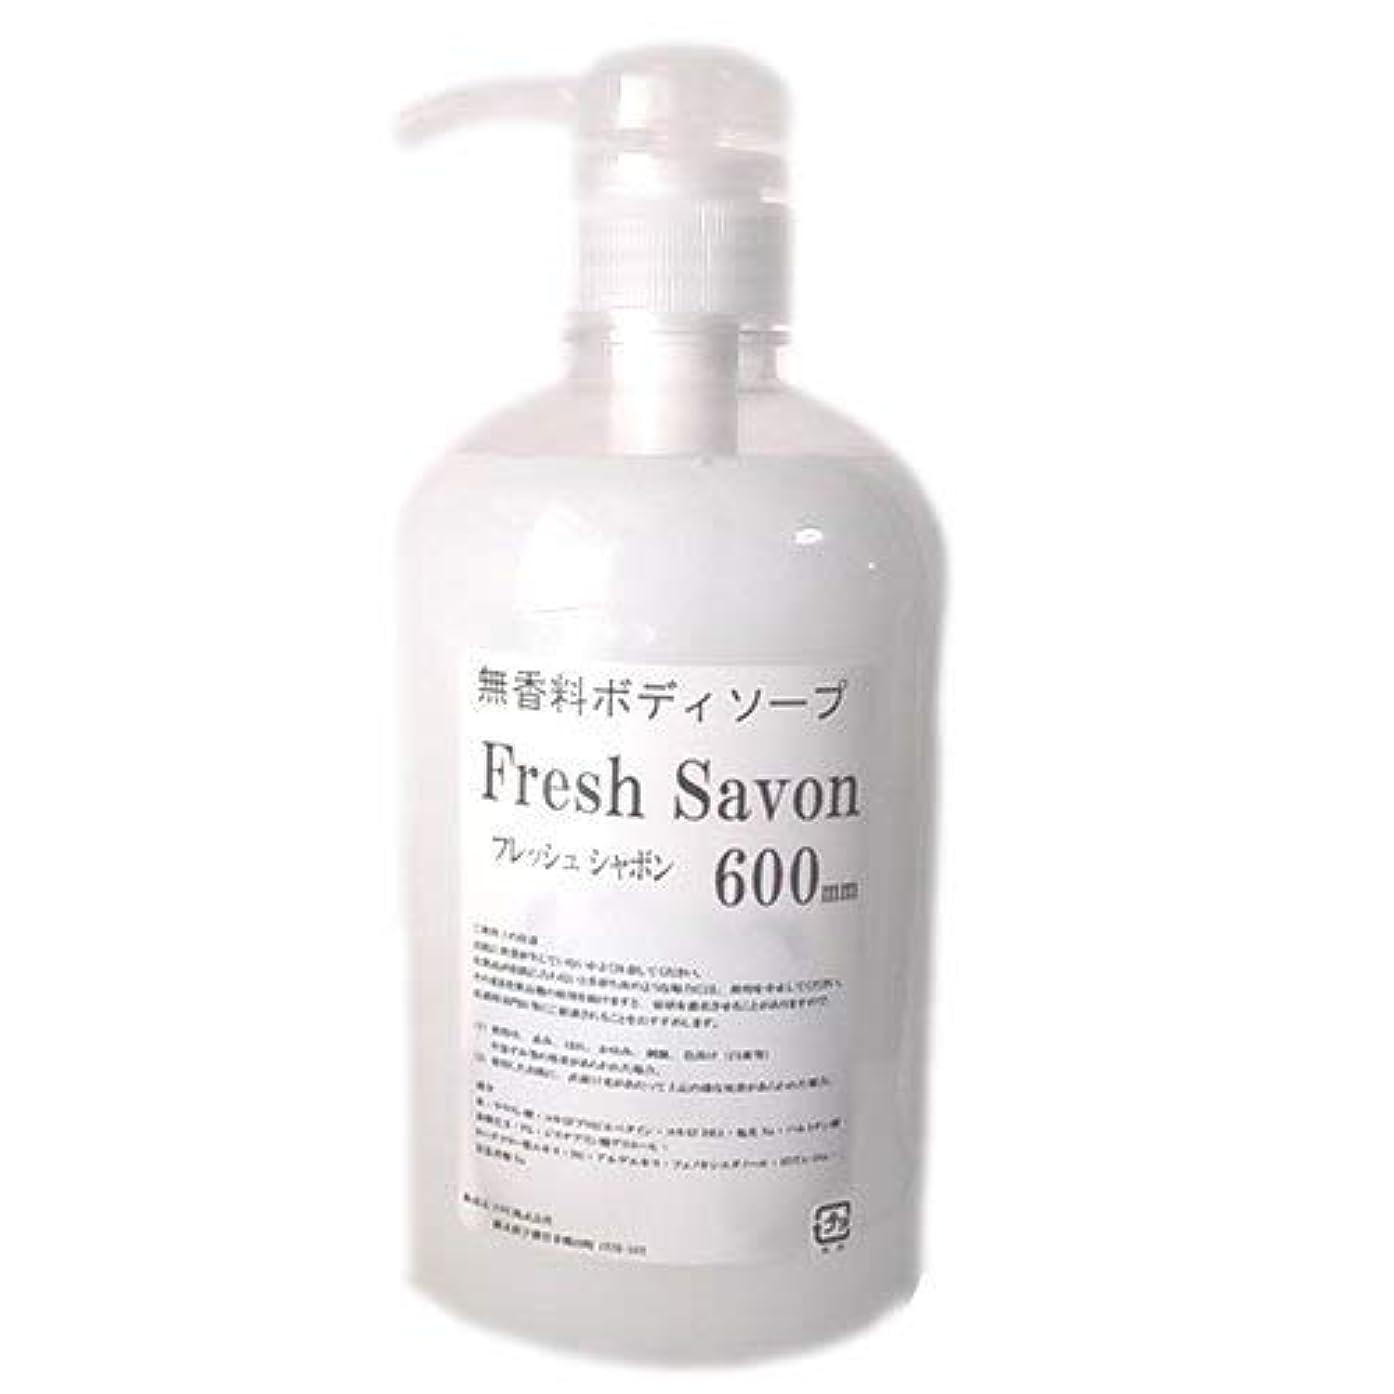 調和のとれたスナック感動する業務用 無香料ボディソープ フレッシュシャボン 香りが残らないタイプ (1本)